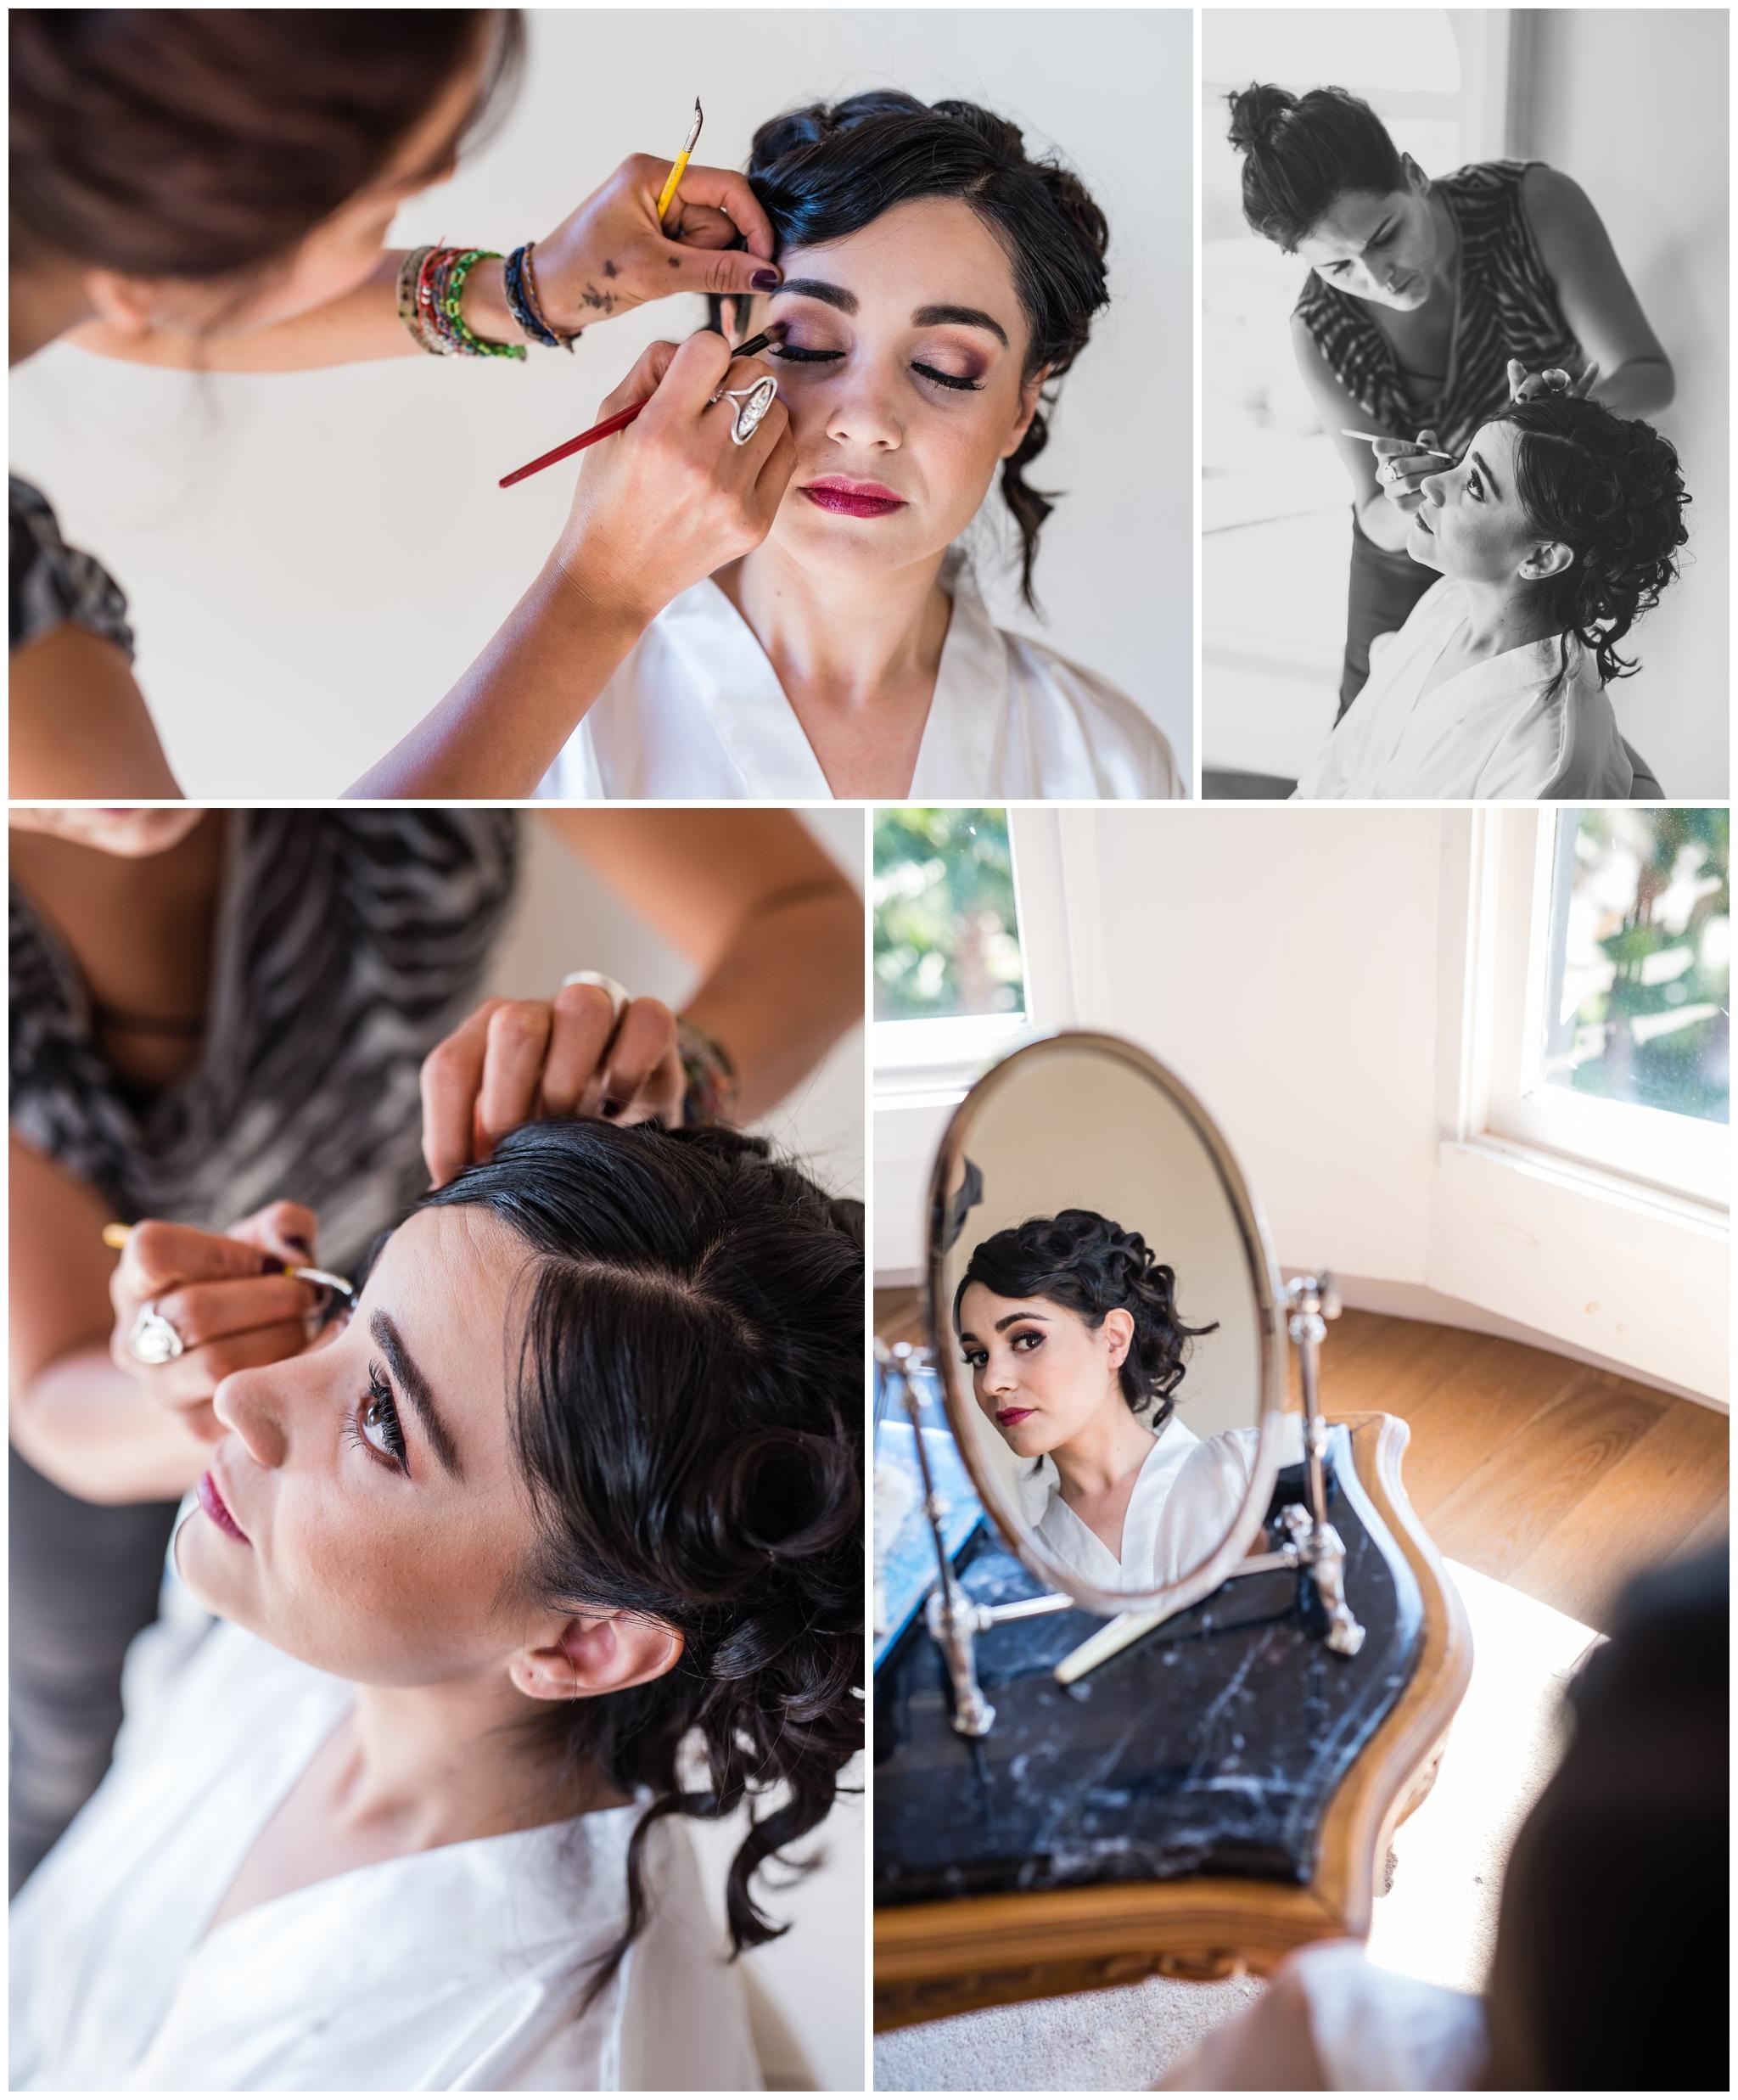 lunabellaphotos- new hall mansion-bride-make up